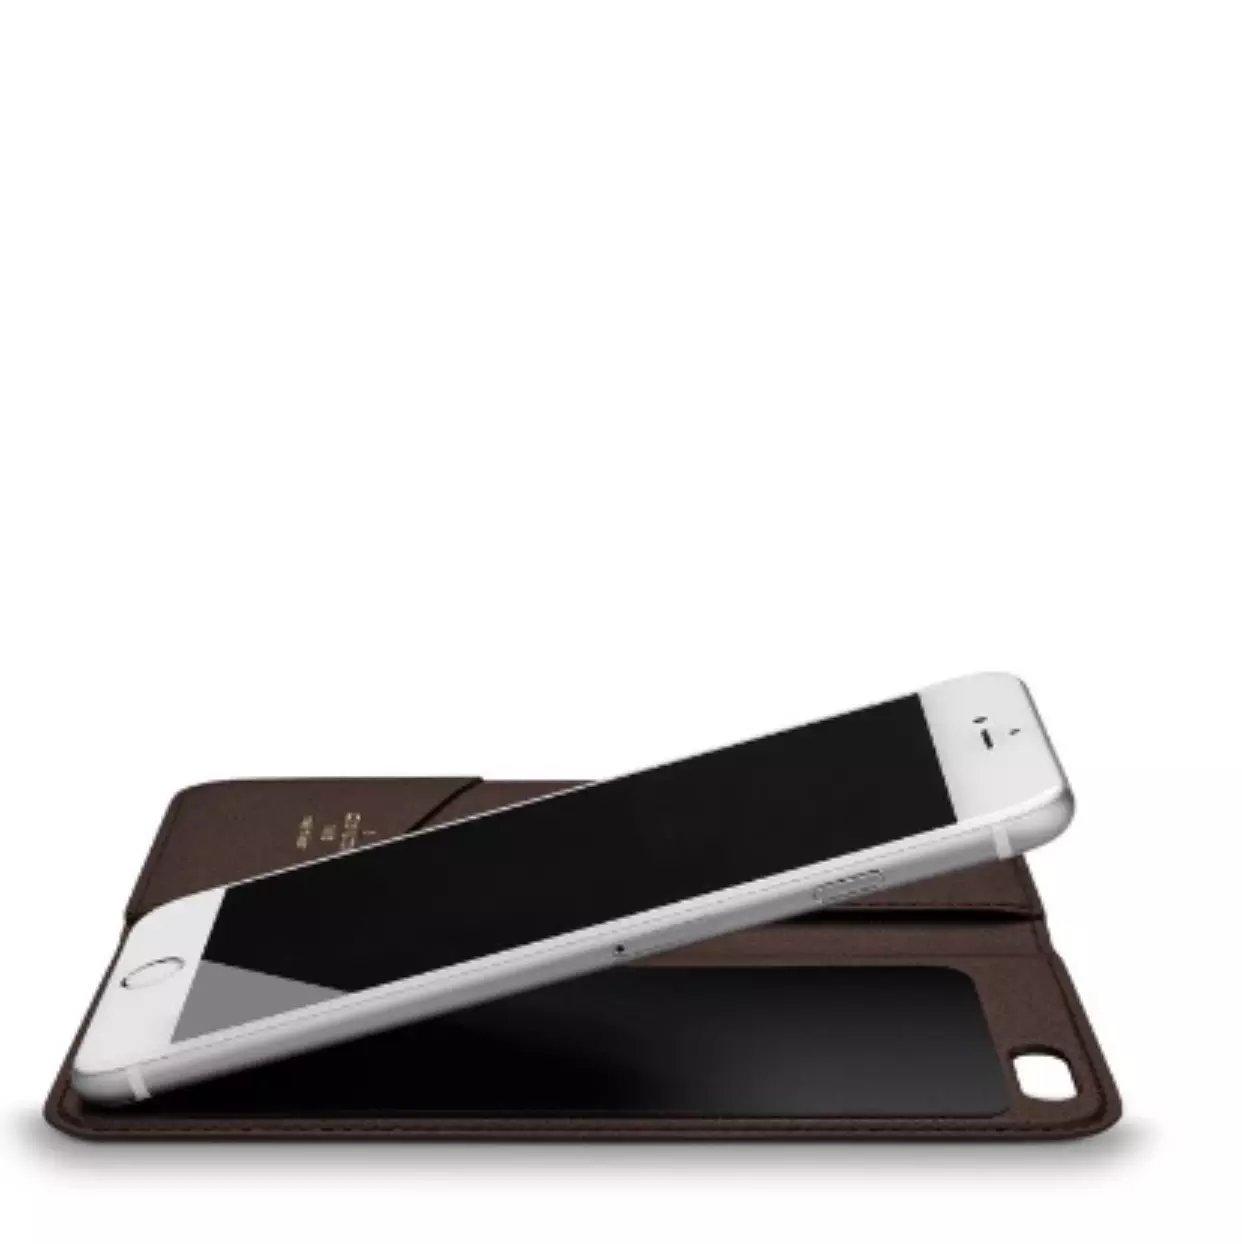 iphone handyhülle mit foto iphone lederhülle Louis Vuitton iphone6 plus hülle handyhüllen online shop ipohn 6 handyhüllen anfertigen las6n iphone 6 Plus ca6 gestalten natel hüllen 6lber gestalten handytasche iphone 6 Plus